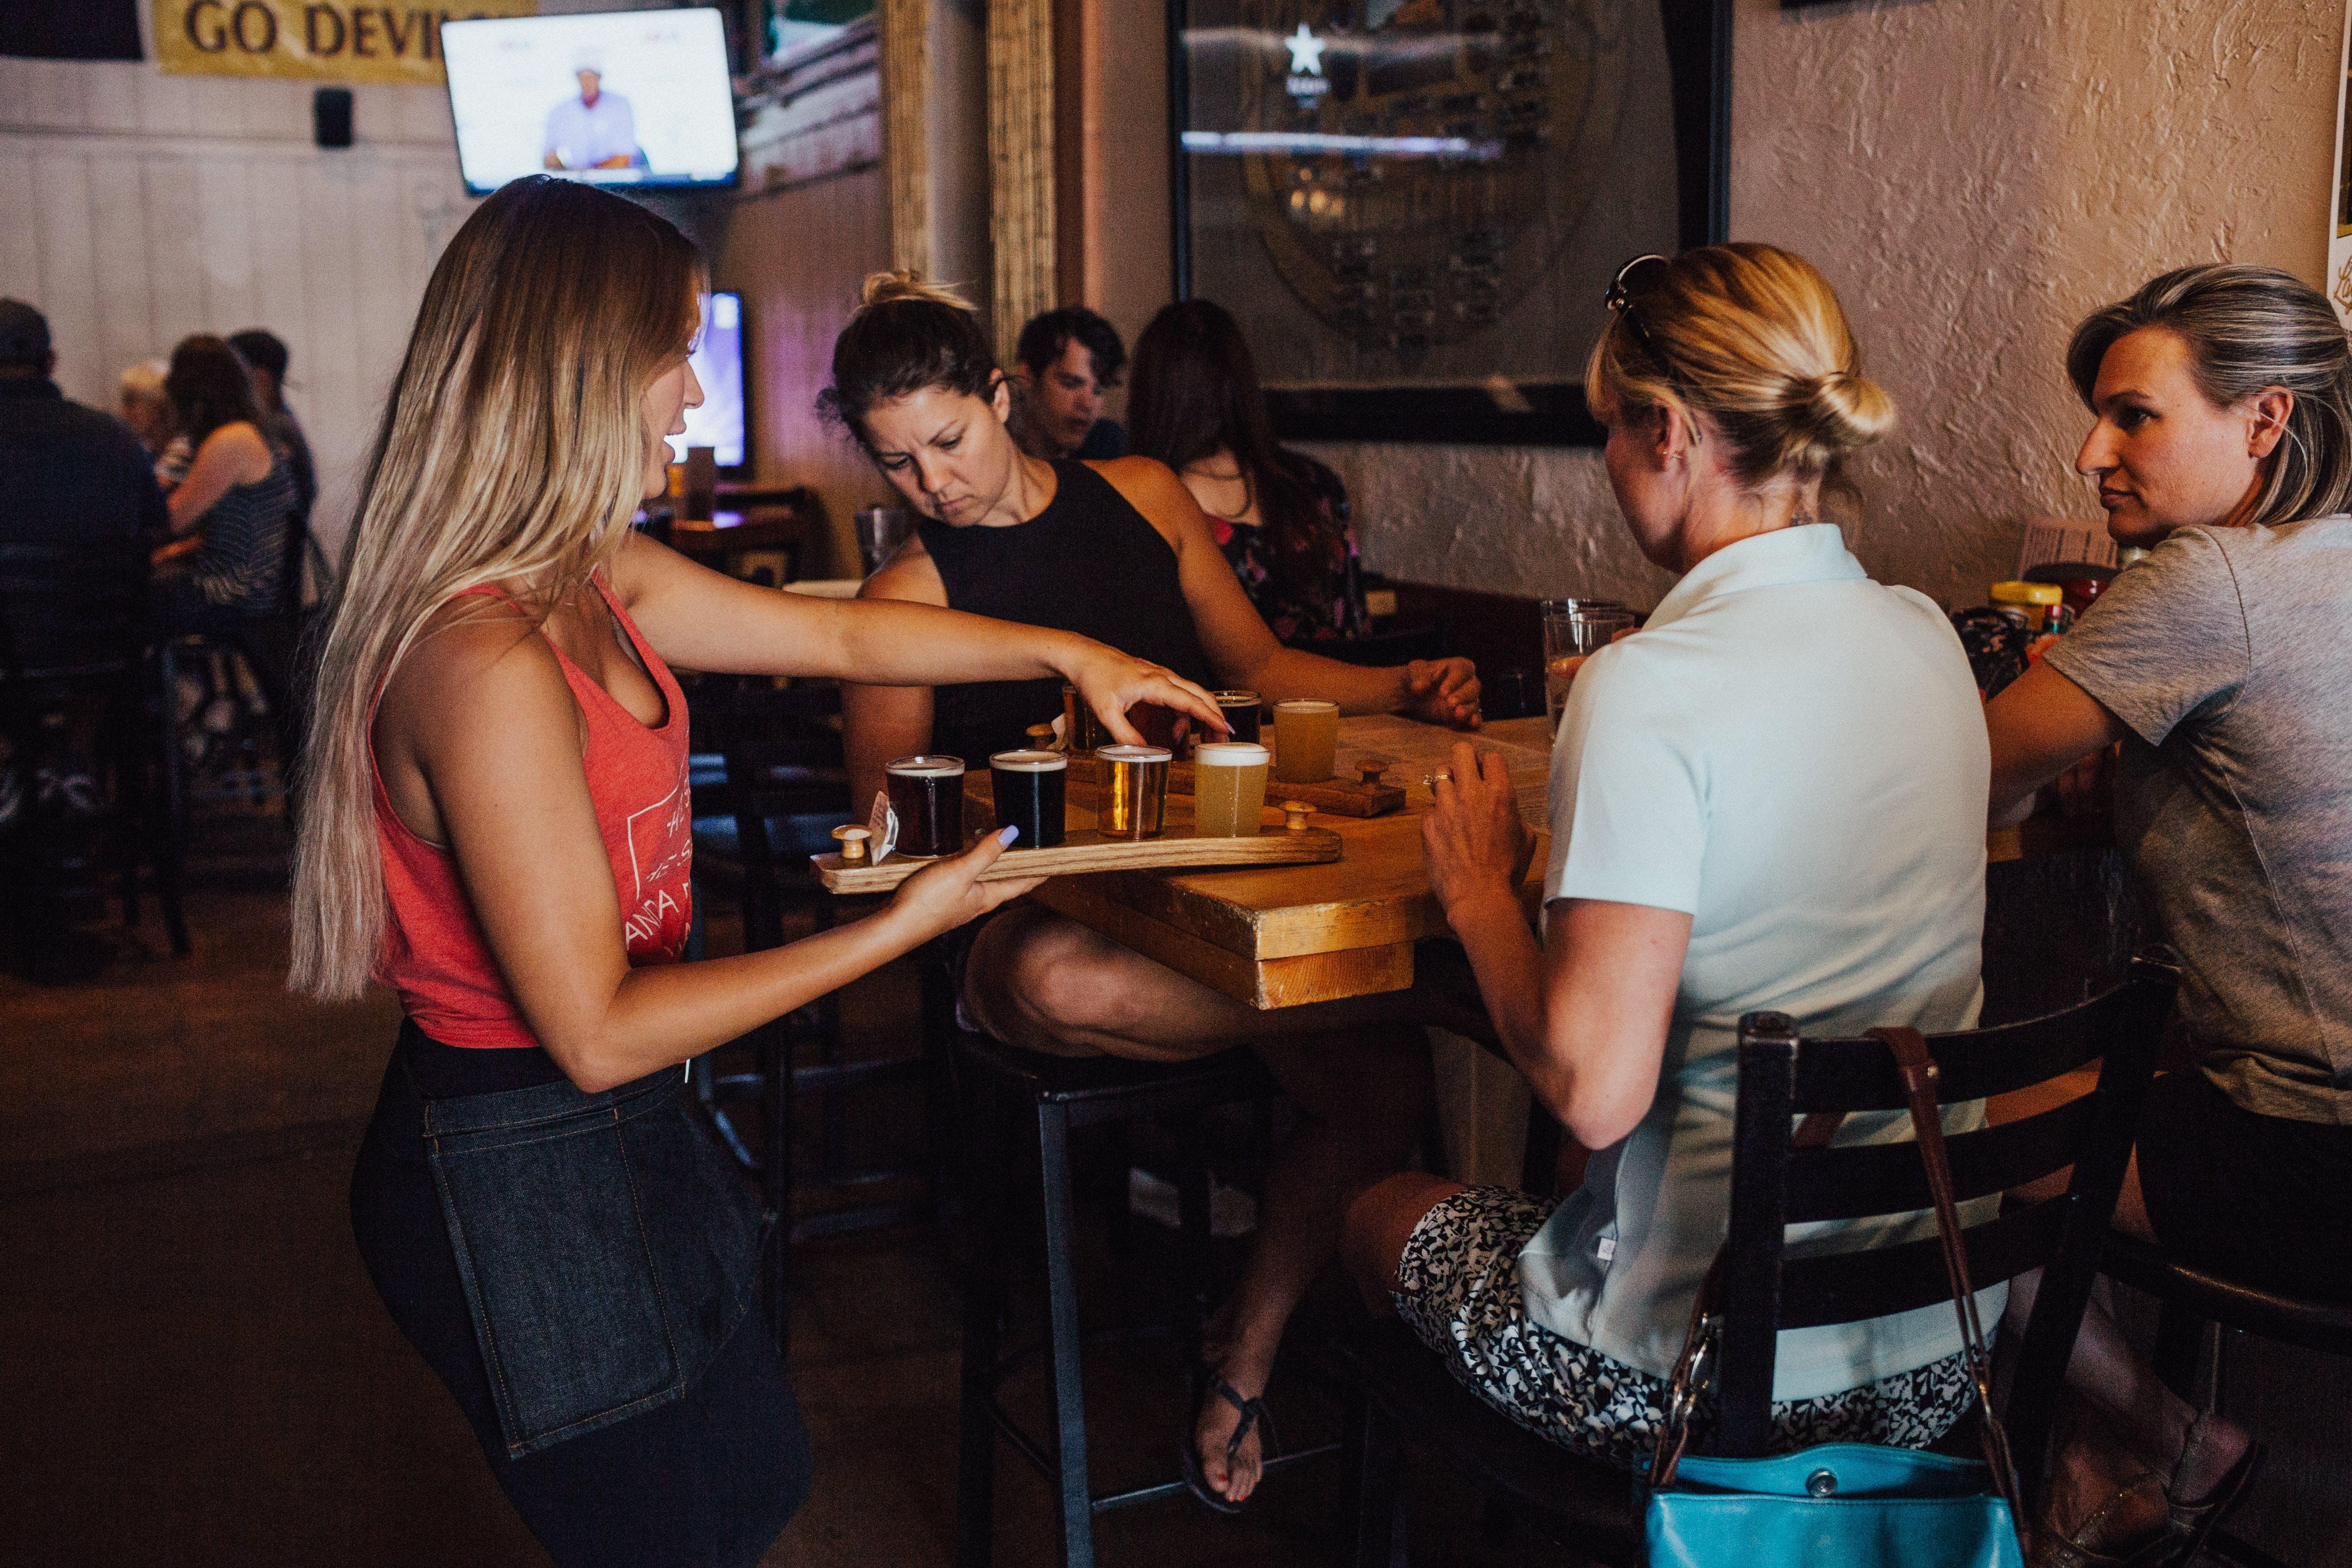 Δωρεάν στοκ φωτογραφιών με server, Άνθρωποι, γυναίκες, εστιατόριο